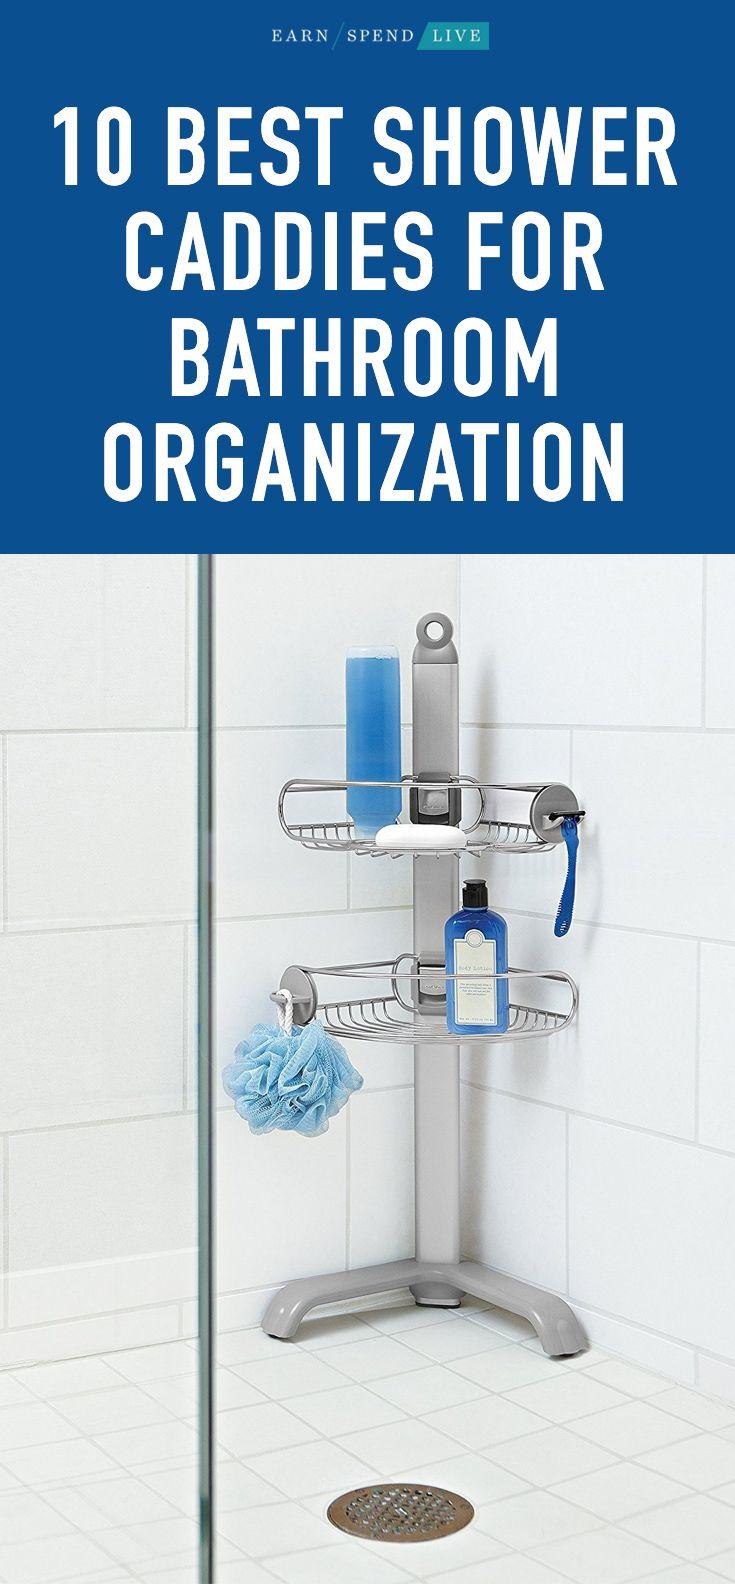 Best Shower Caddies for Dorm Life | Shower caddies, Bathroom ...